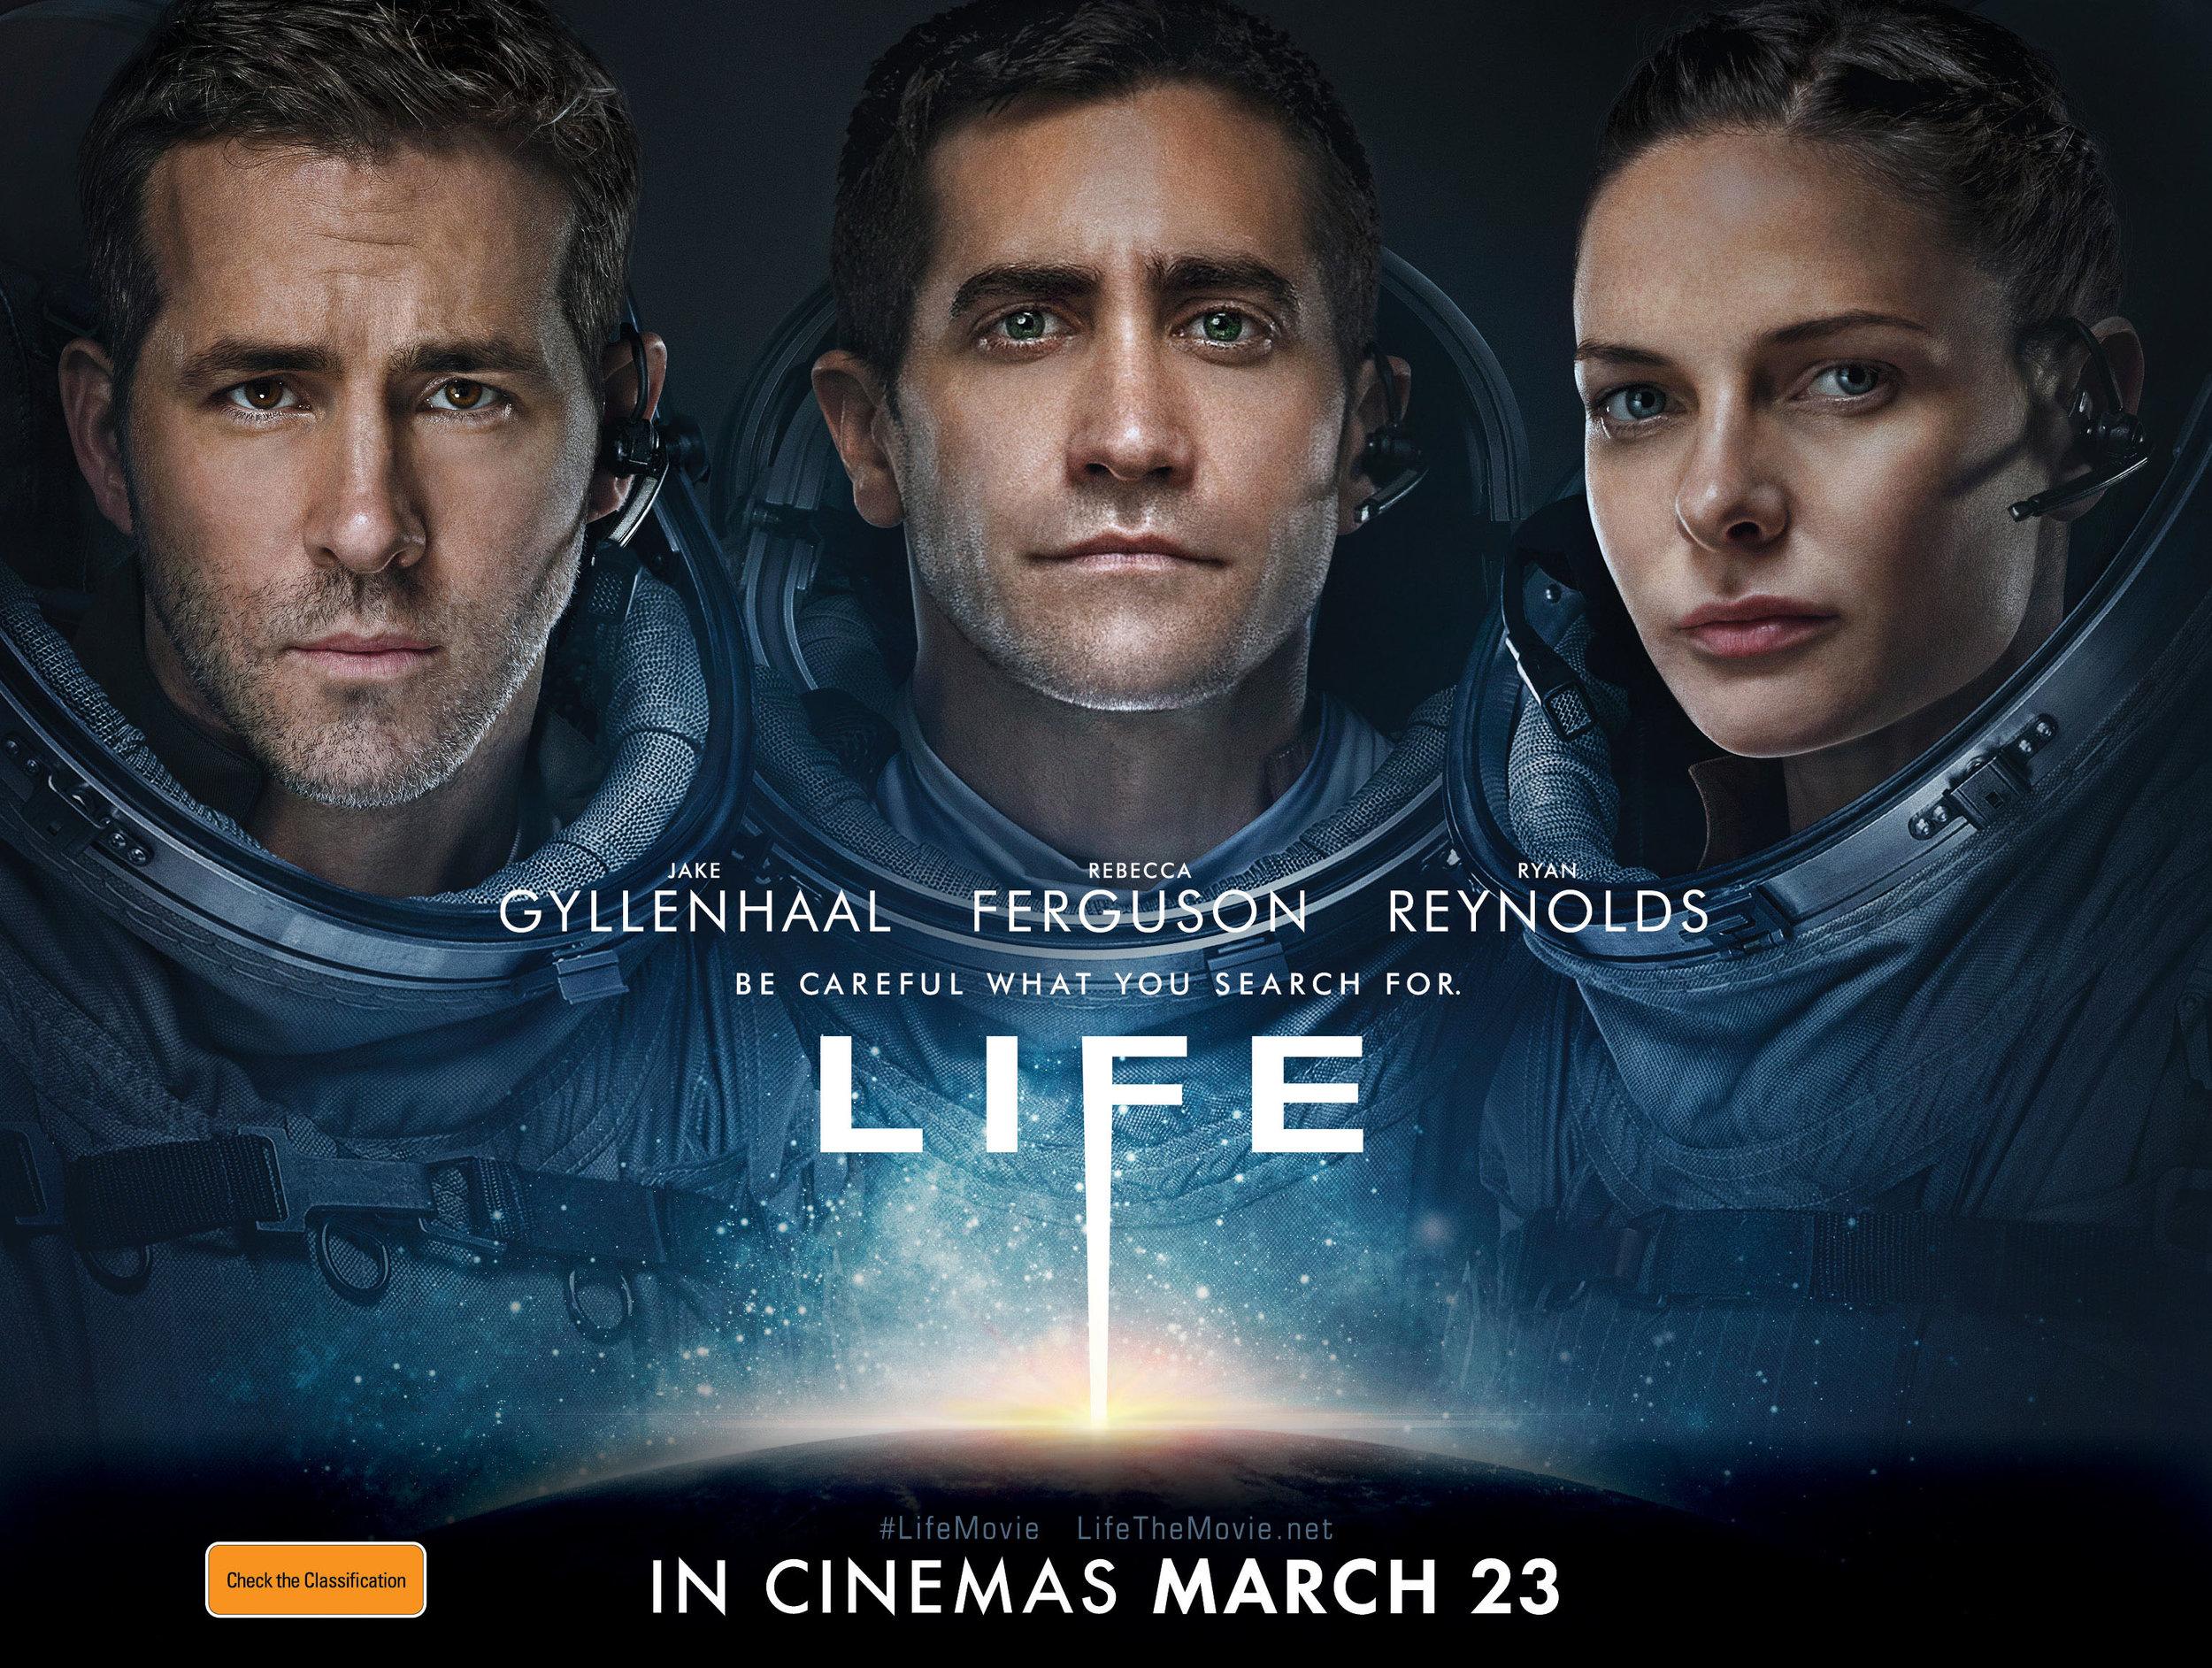 life-poster-1.jpg